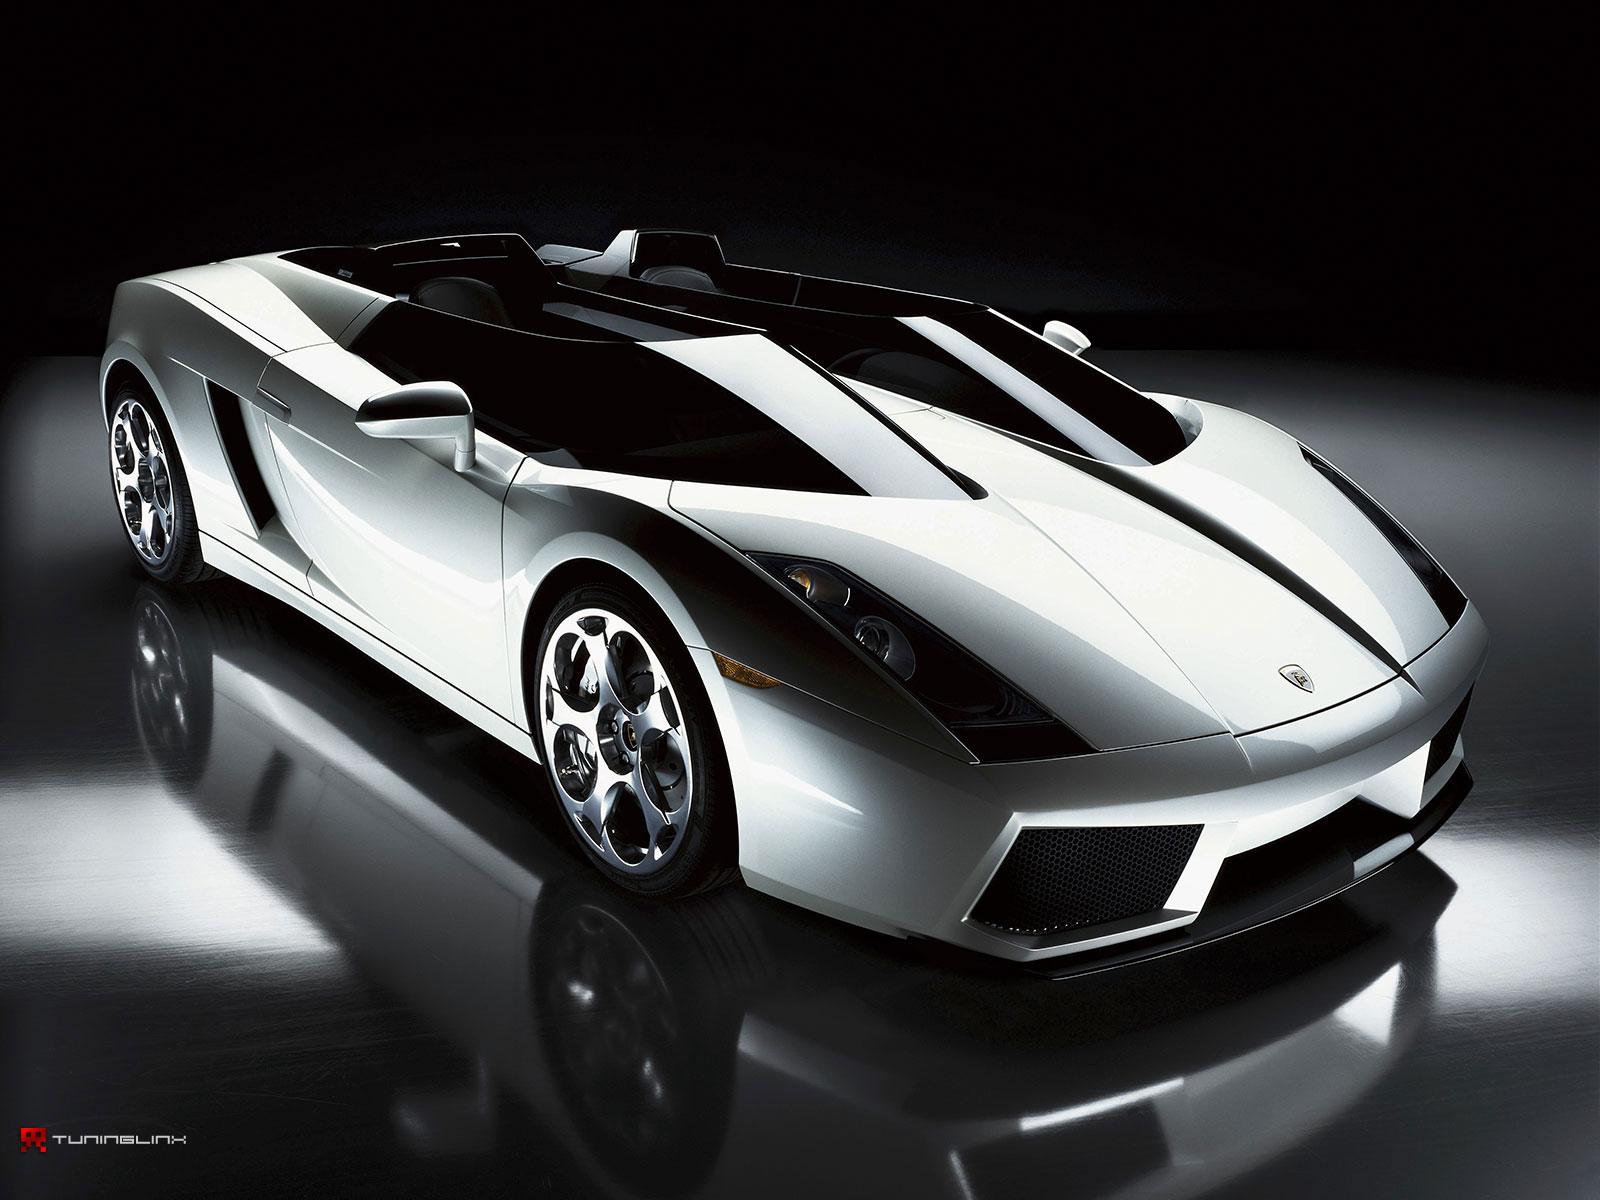 2010 Ferrari Dino vs Lamborghini Exotic Sports Cars